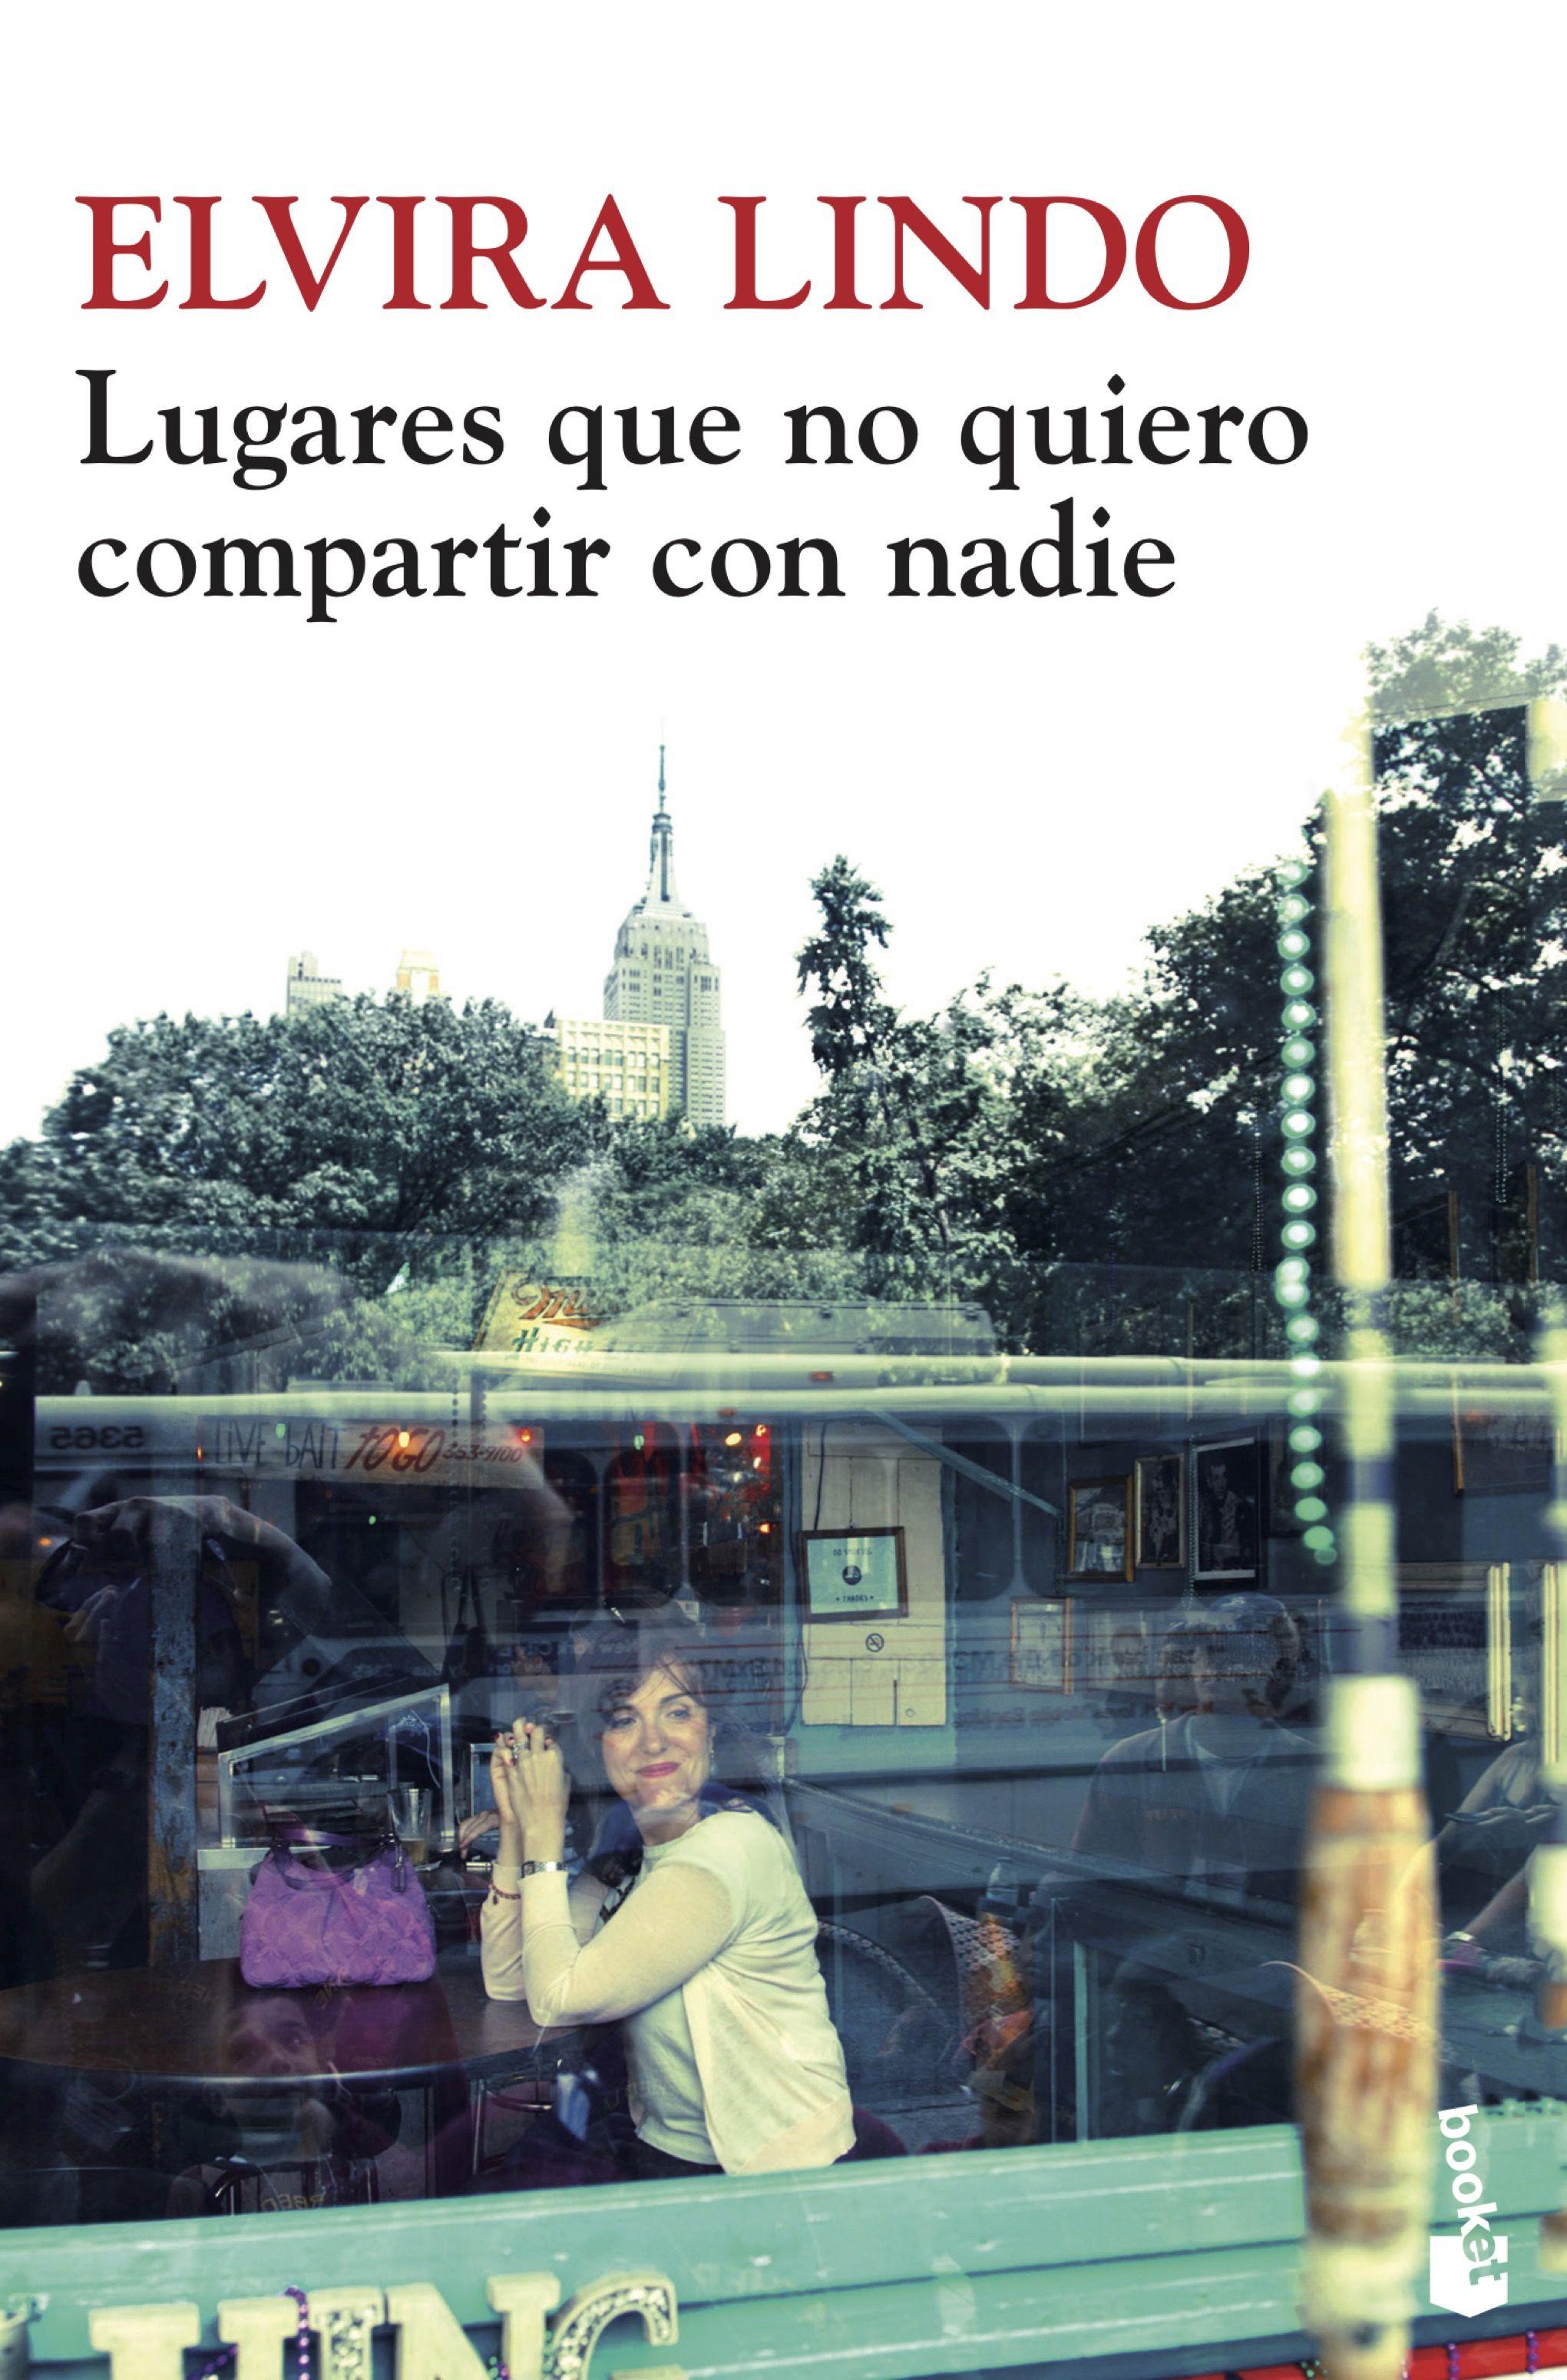 Lugares que no quiero compartir con nadie, de Elvira Lindo. Selección de libros de viajes.